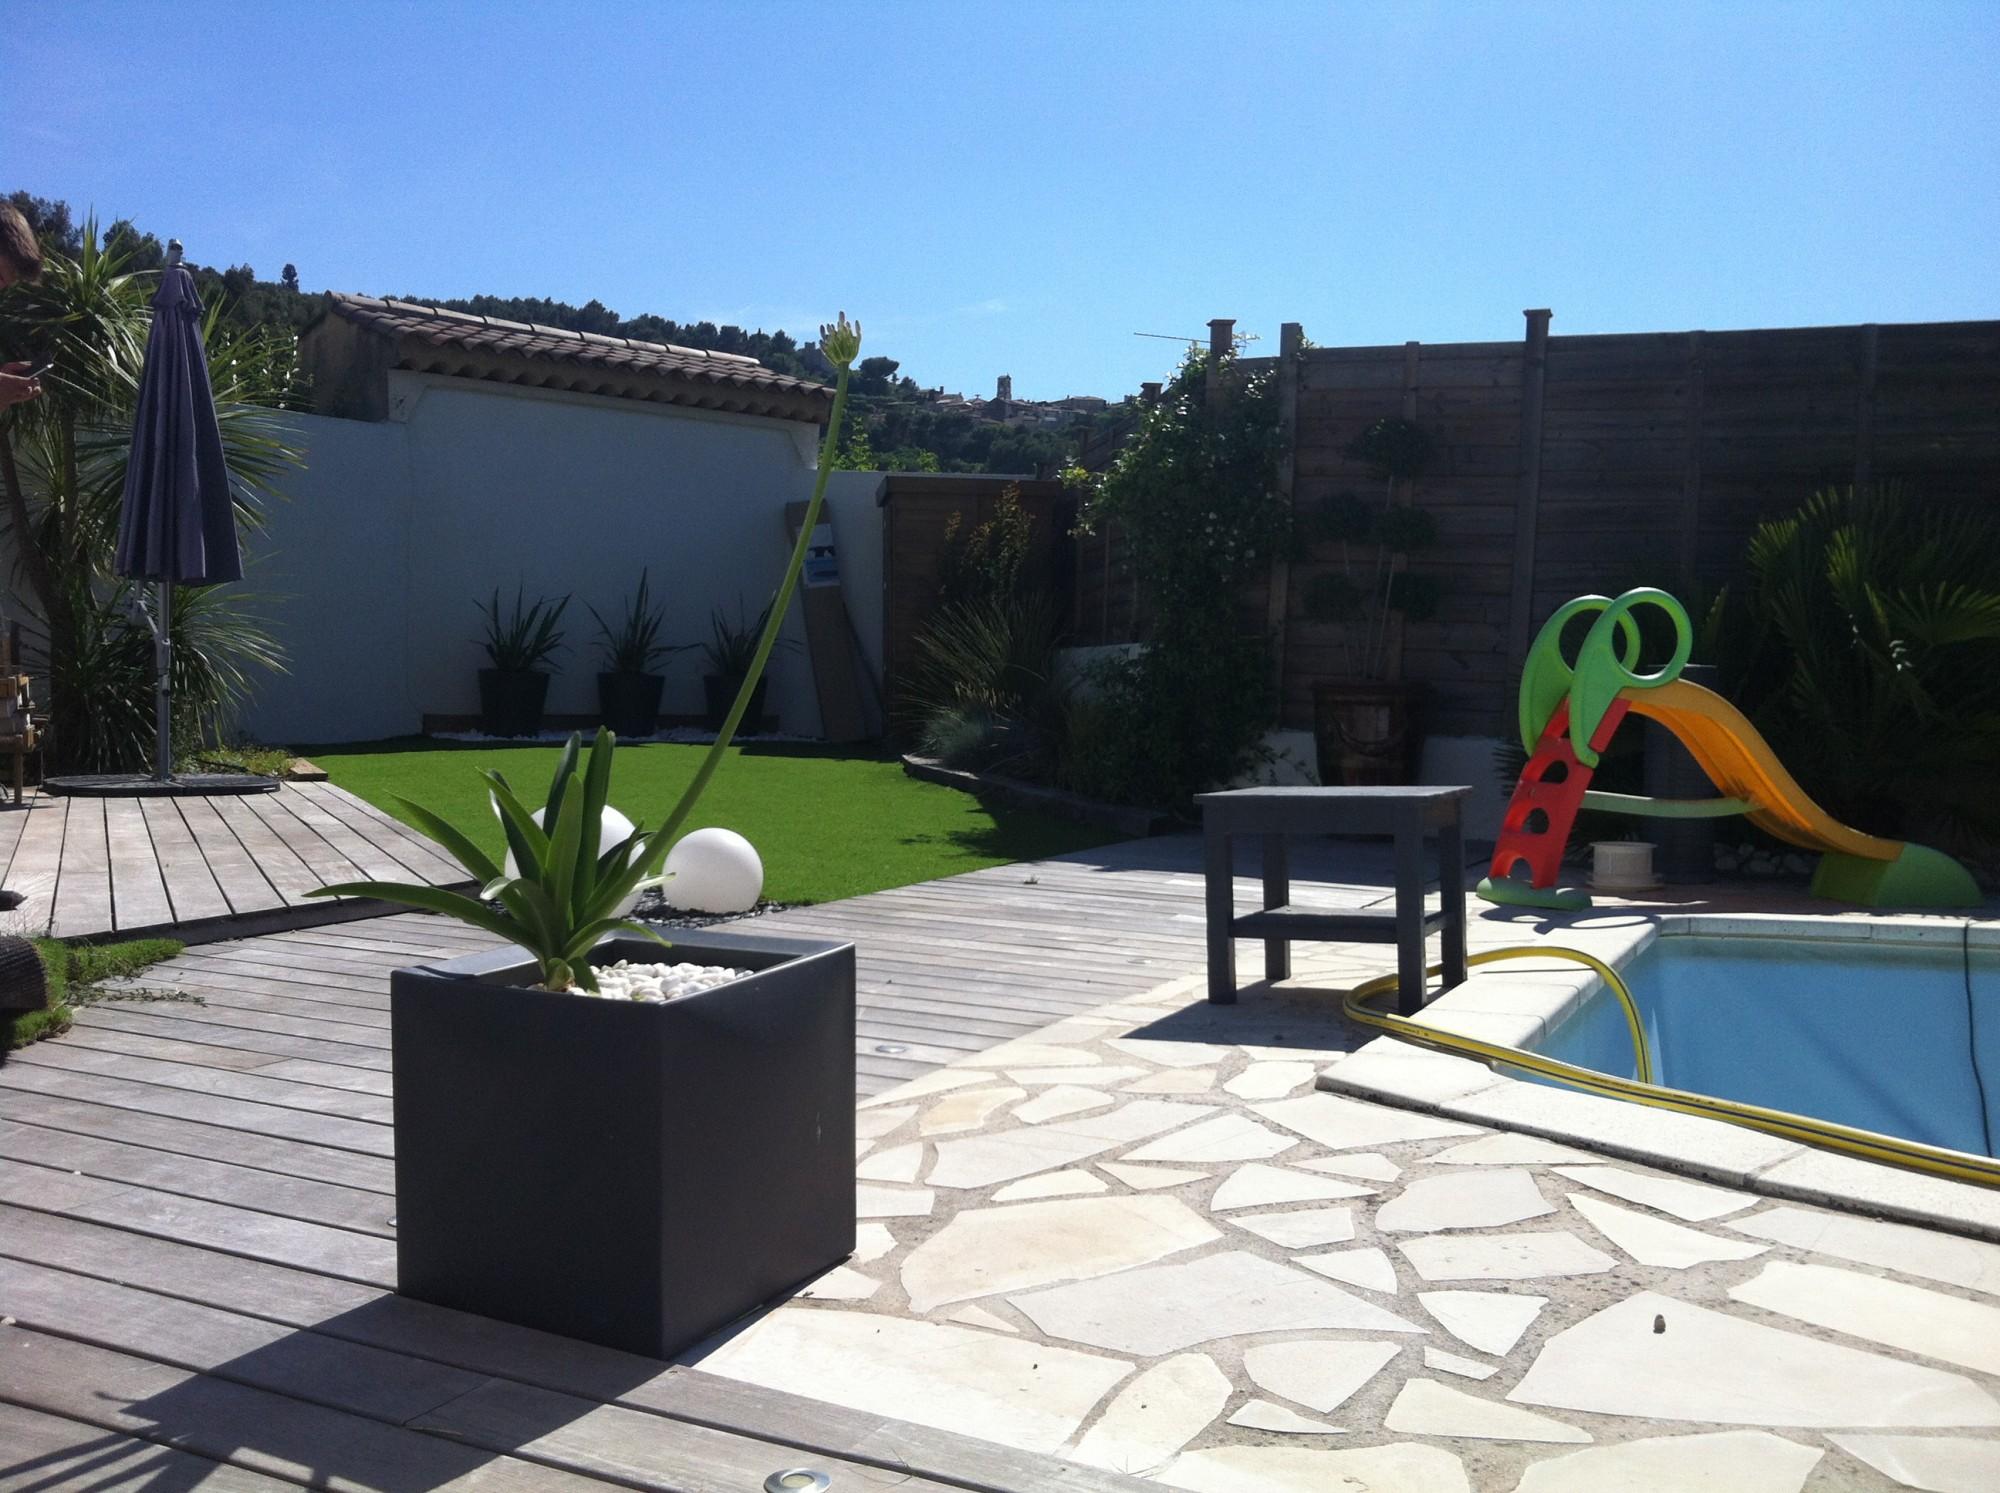 o acheter du gazon synth tique fr jus gazon et pelouse synth tiques marseille univers gazons. Black Bedroom Furniture Sets. Home Design Ideas